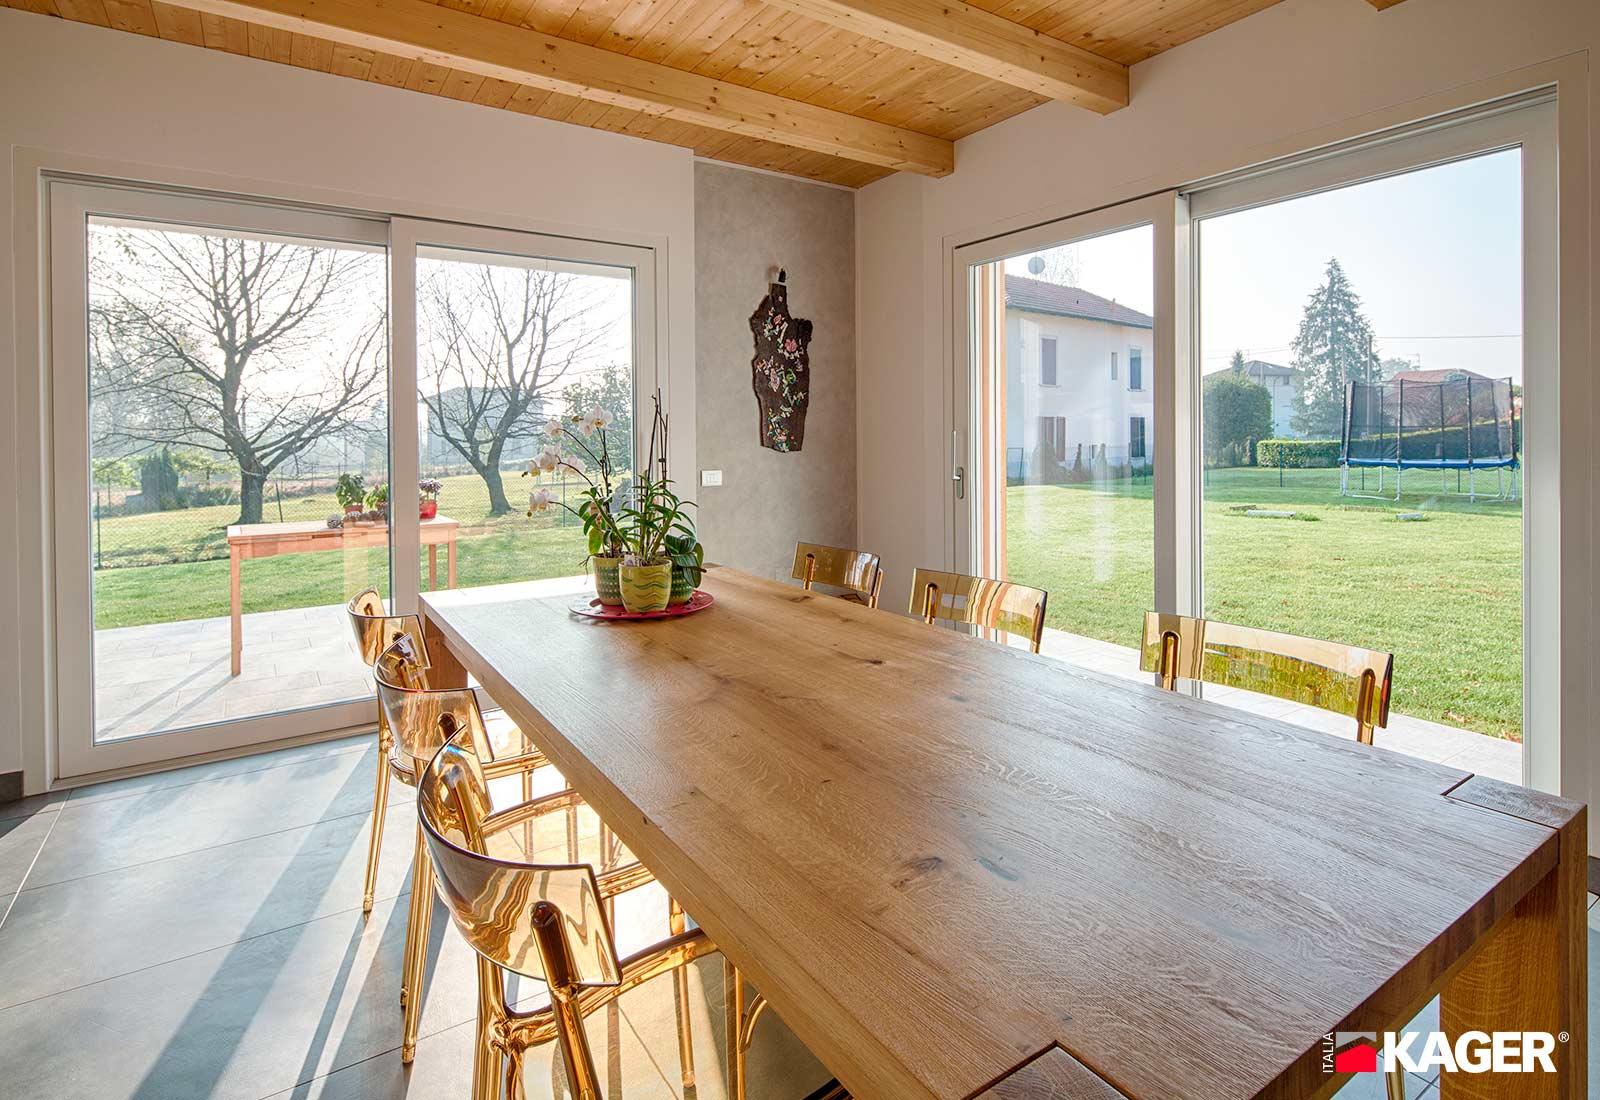 Casa-in-legno-Brebbia-Kager-Italia-08